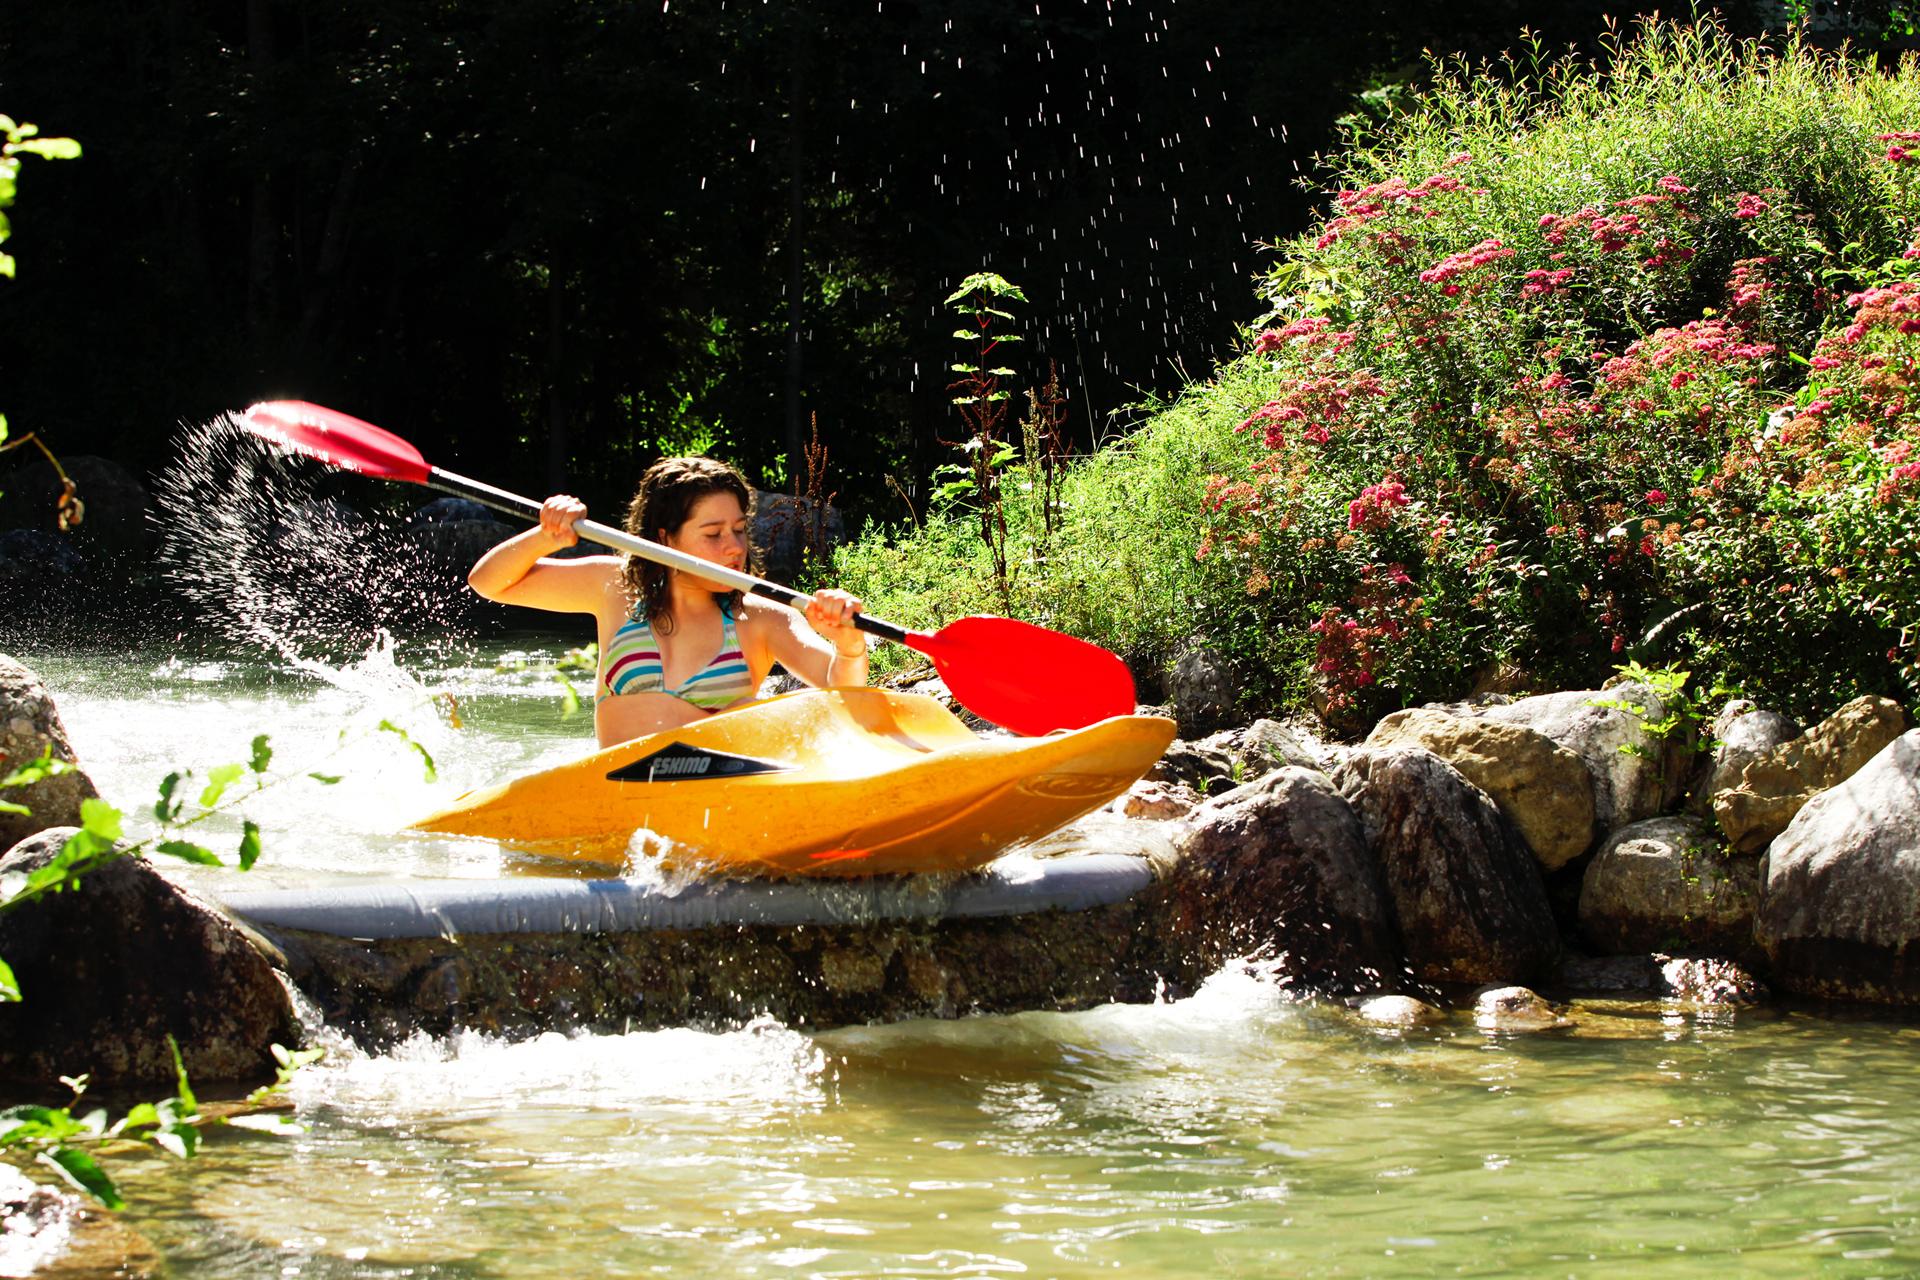 Junge Frau im gelben Kanu mit rotem Paddel